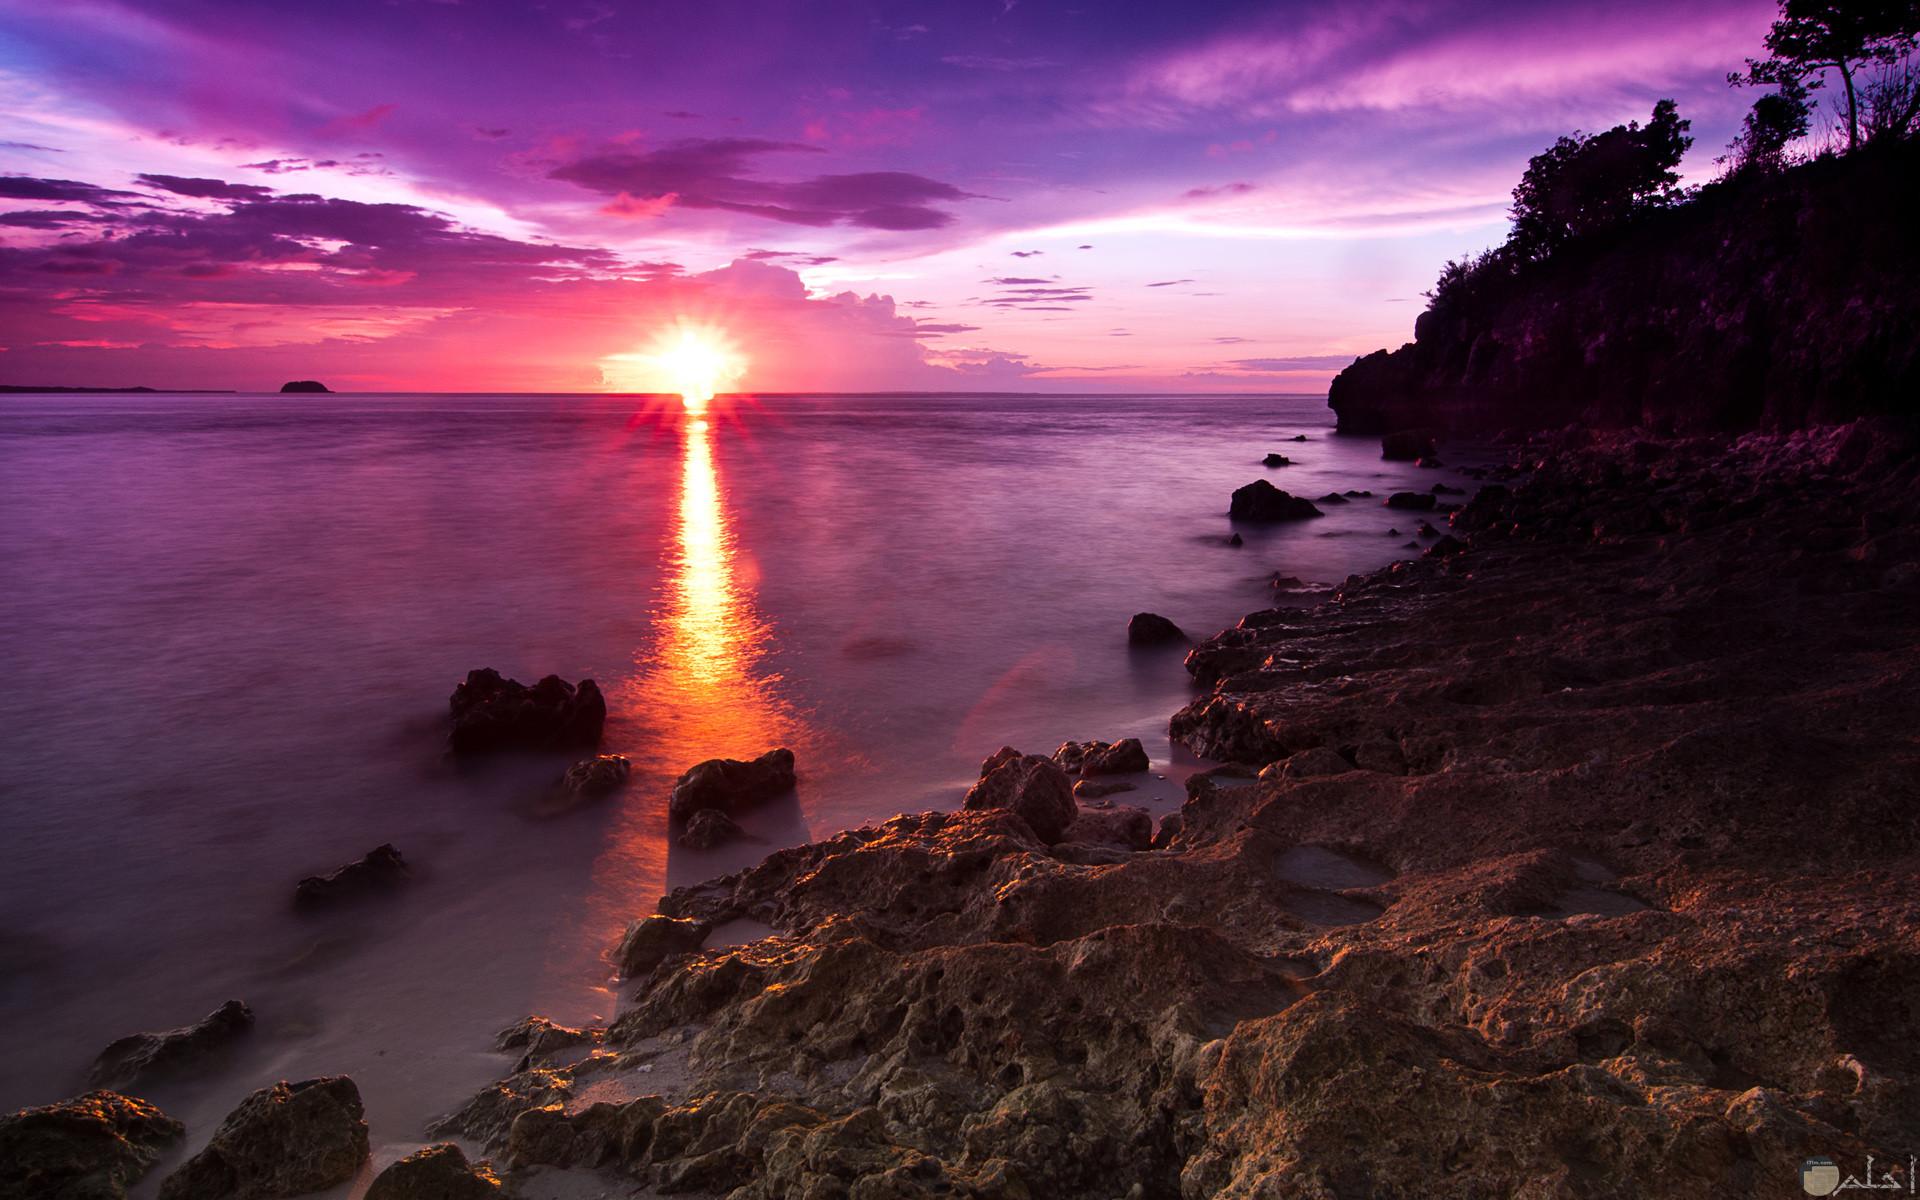 منظر رائع وساحر لغروب الشمس